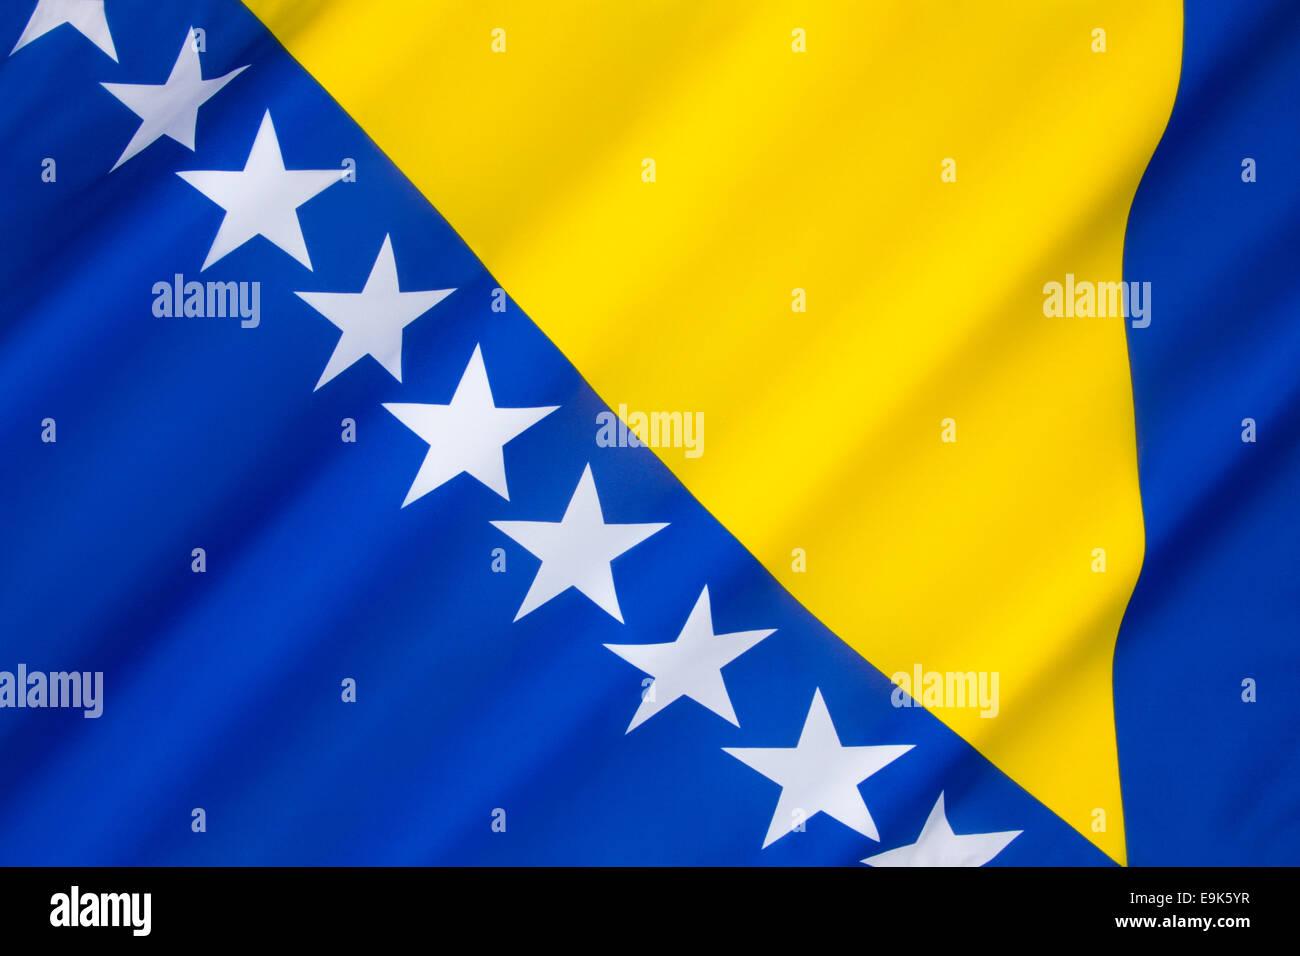 Flag of Bosnia and Herzegovina - Stock Image